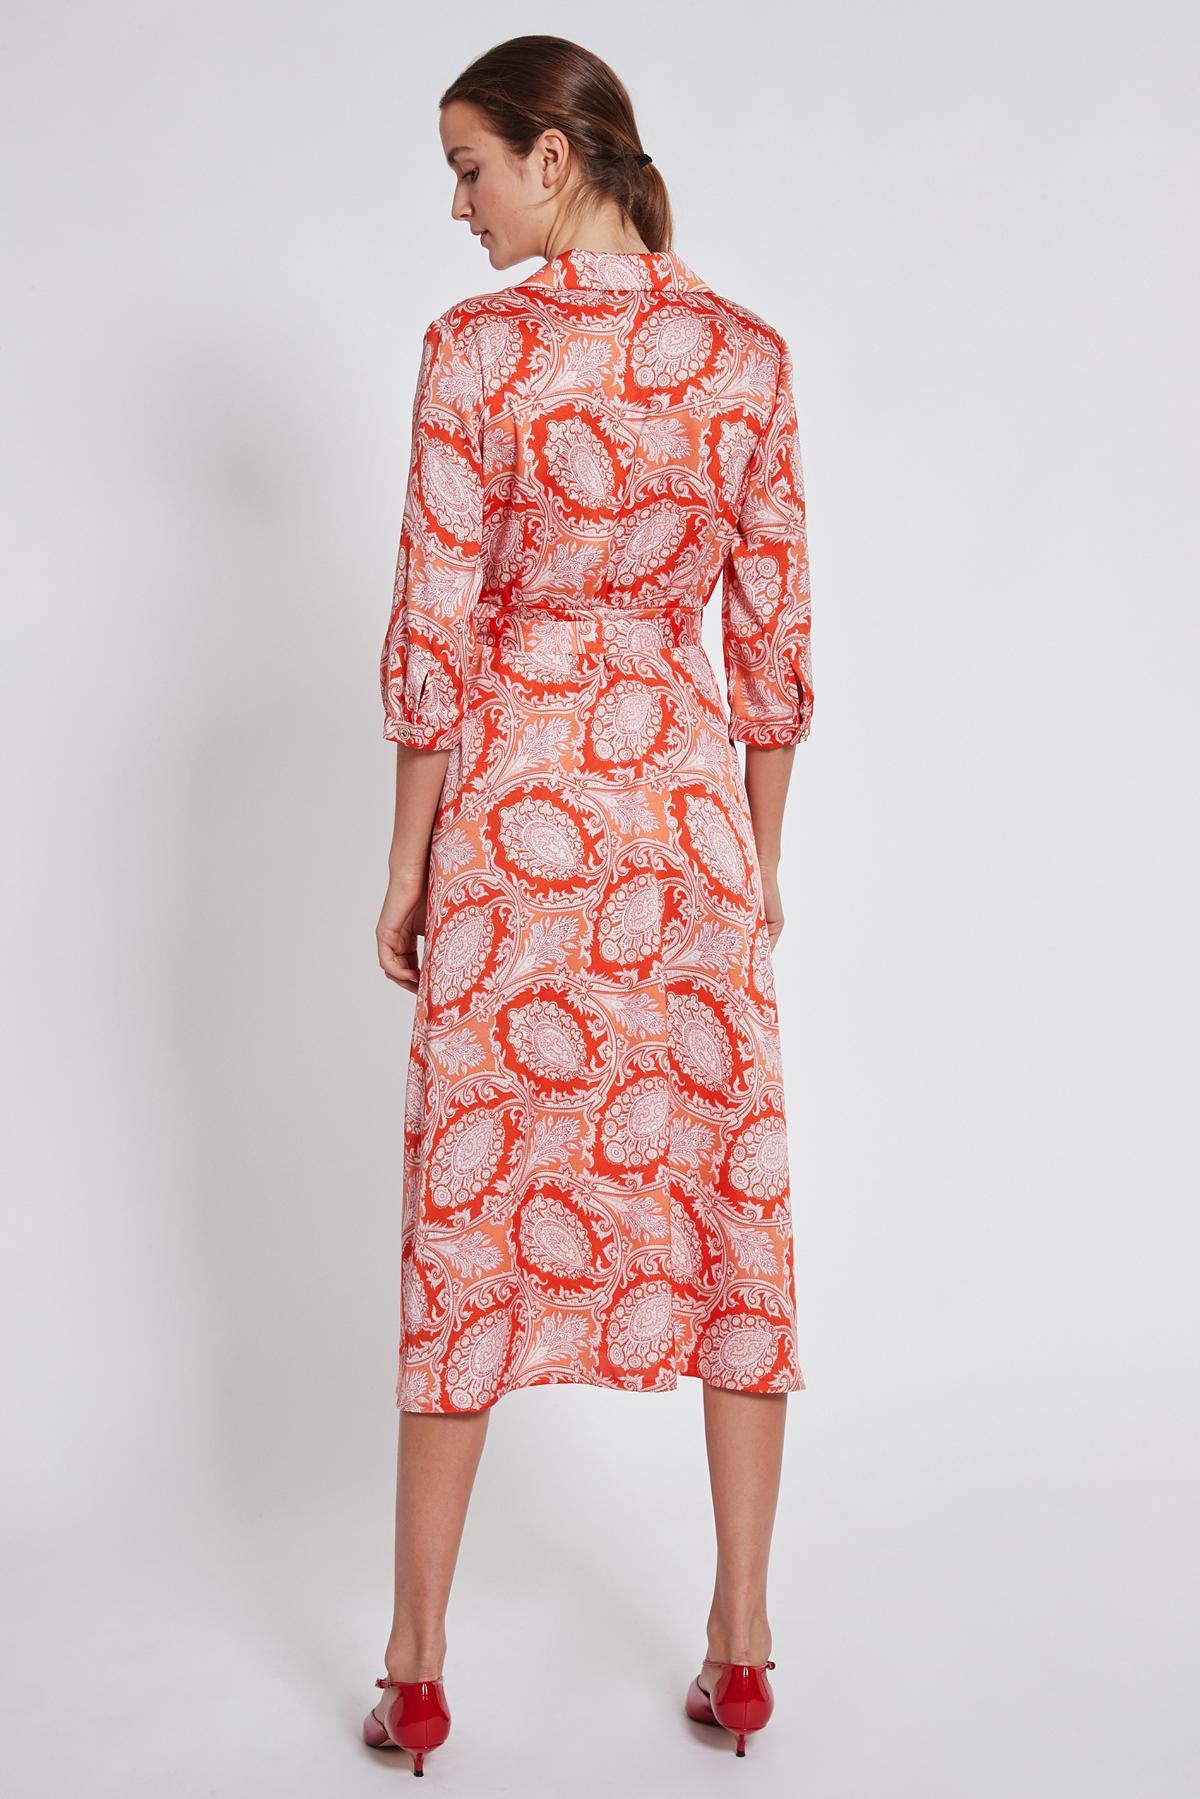 Rückansicht von Ana Alcazar Midi Kleid Tefrole Rot  angezogen an Model